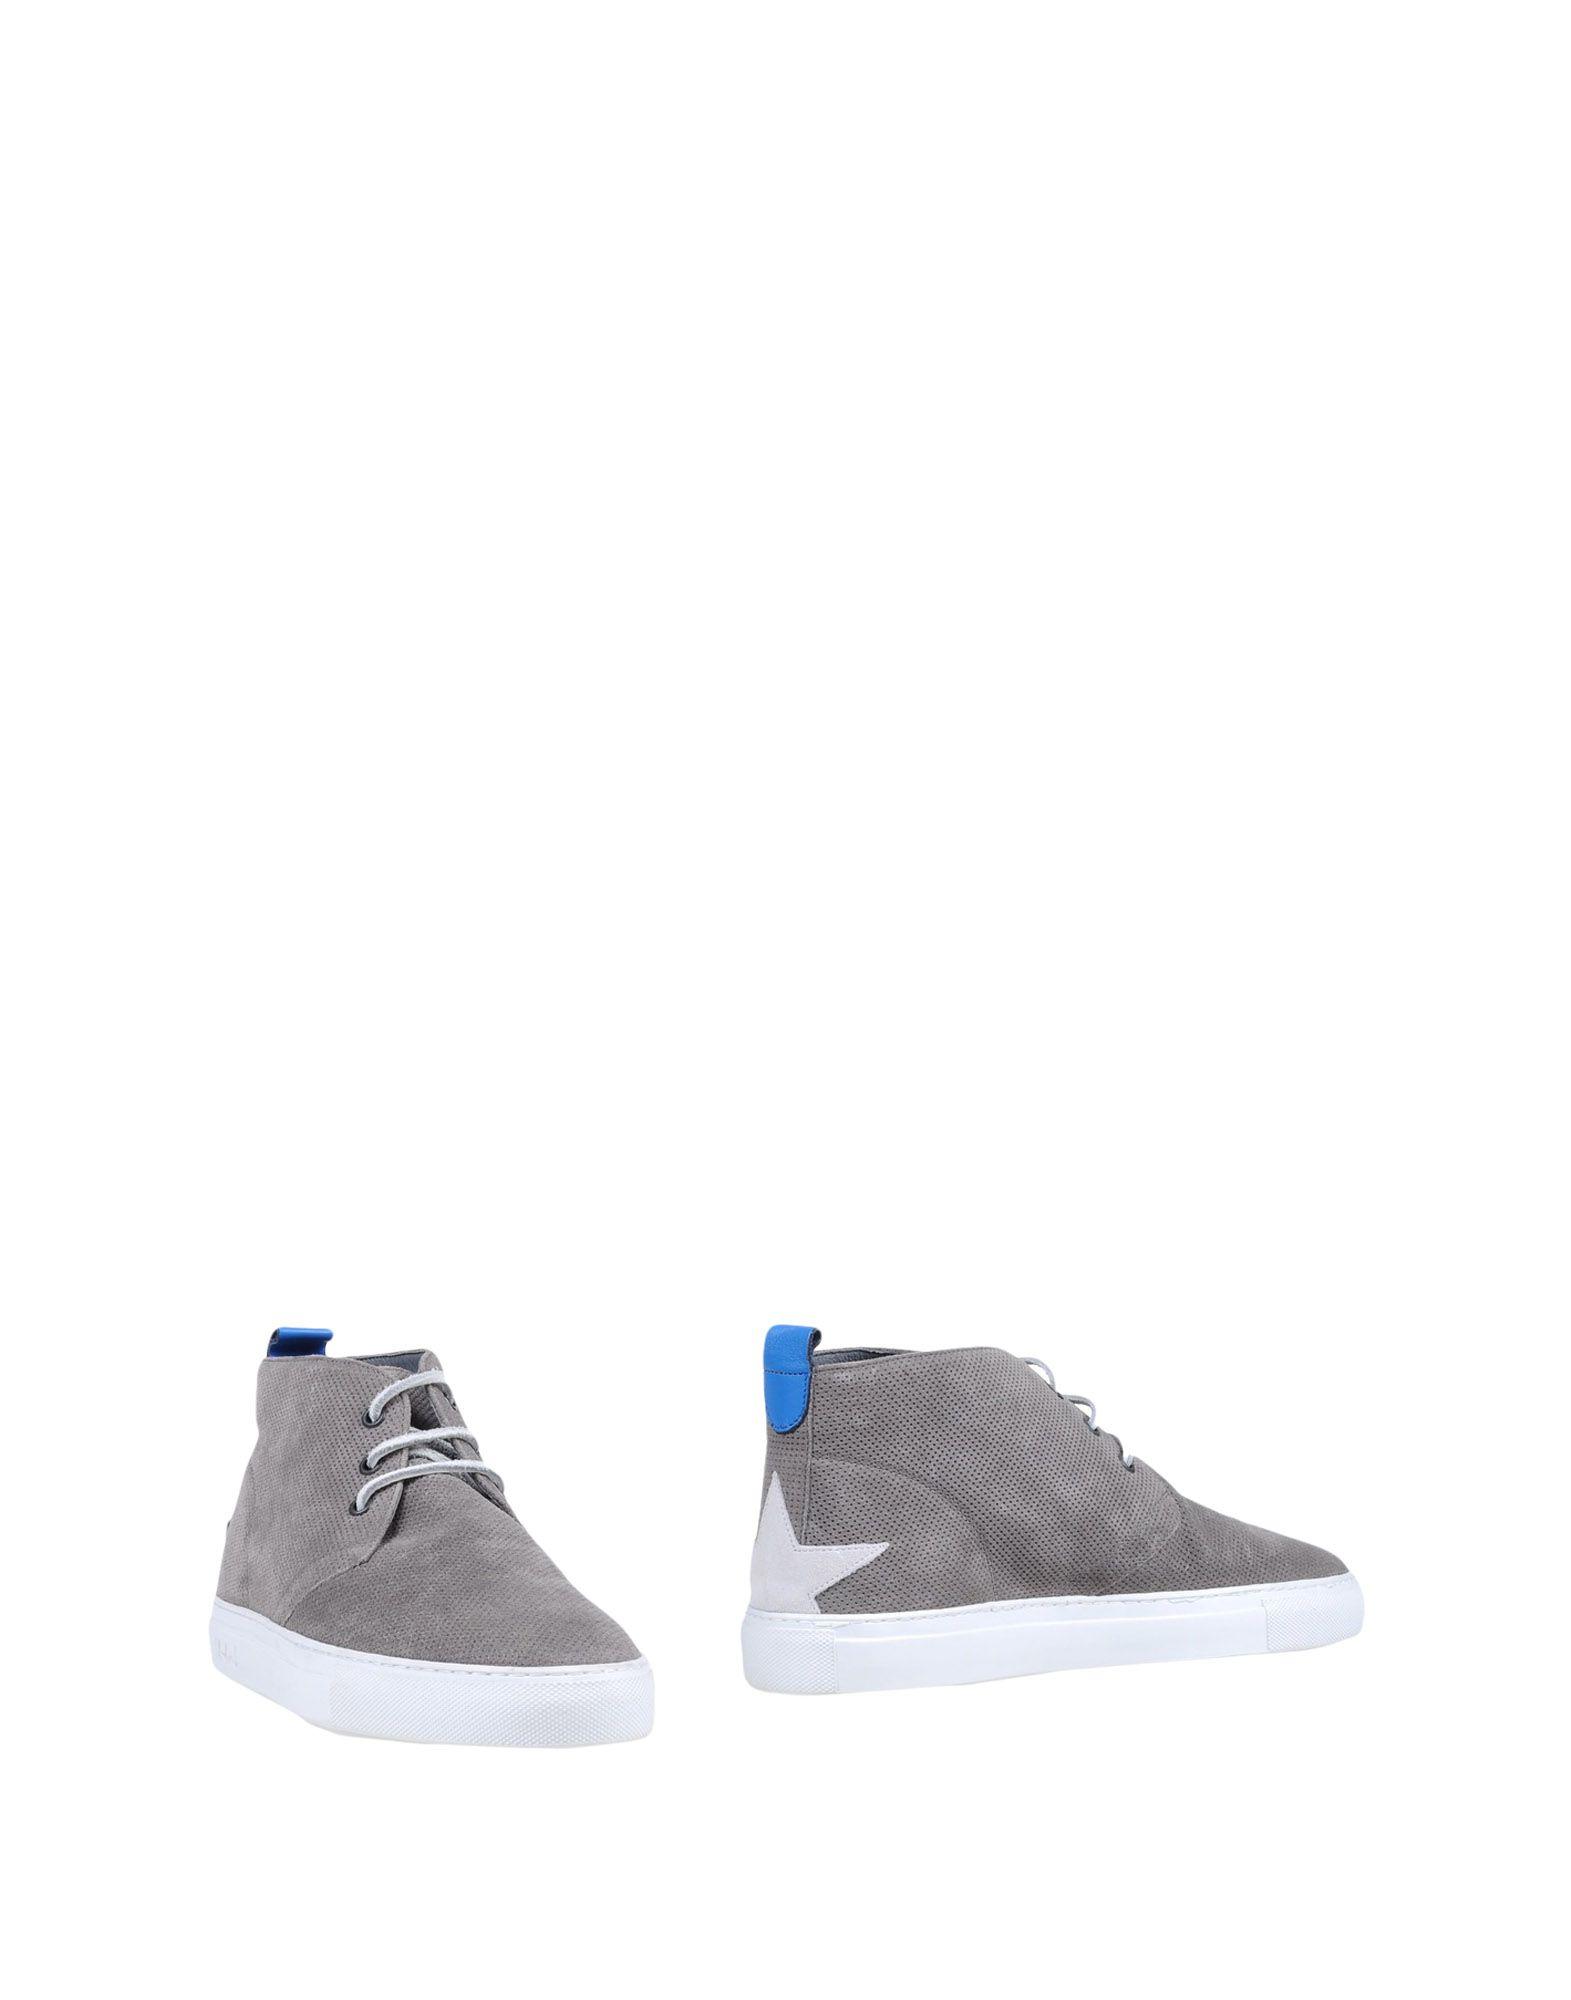 MACCHIA J Полусапоги и высокие ботинки george j love полусапоги и высокие ботинки